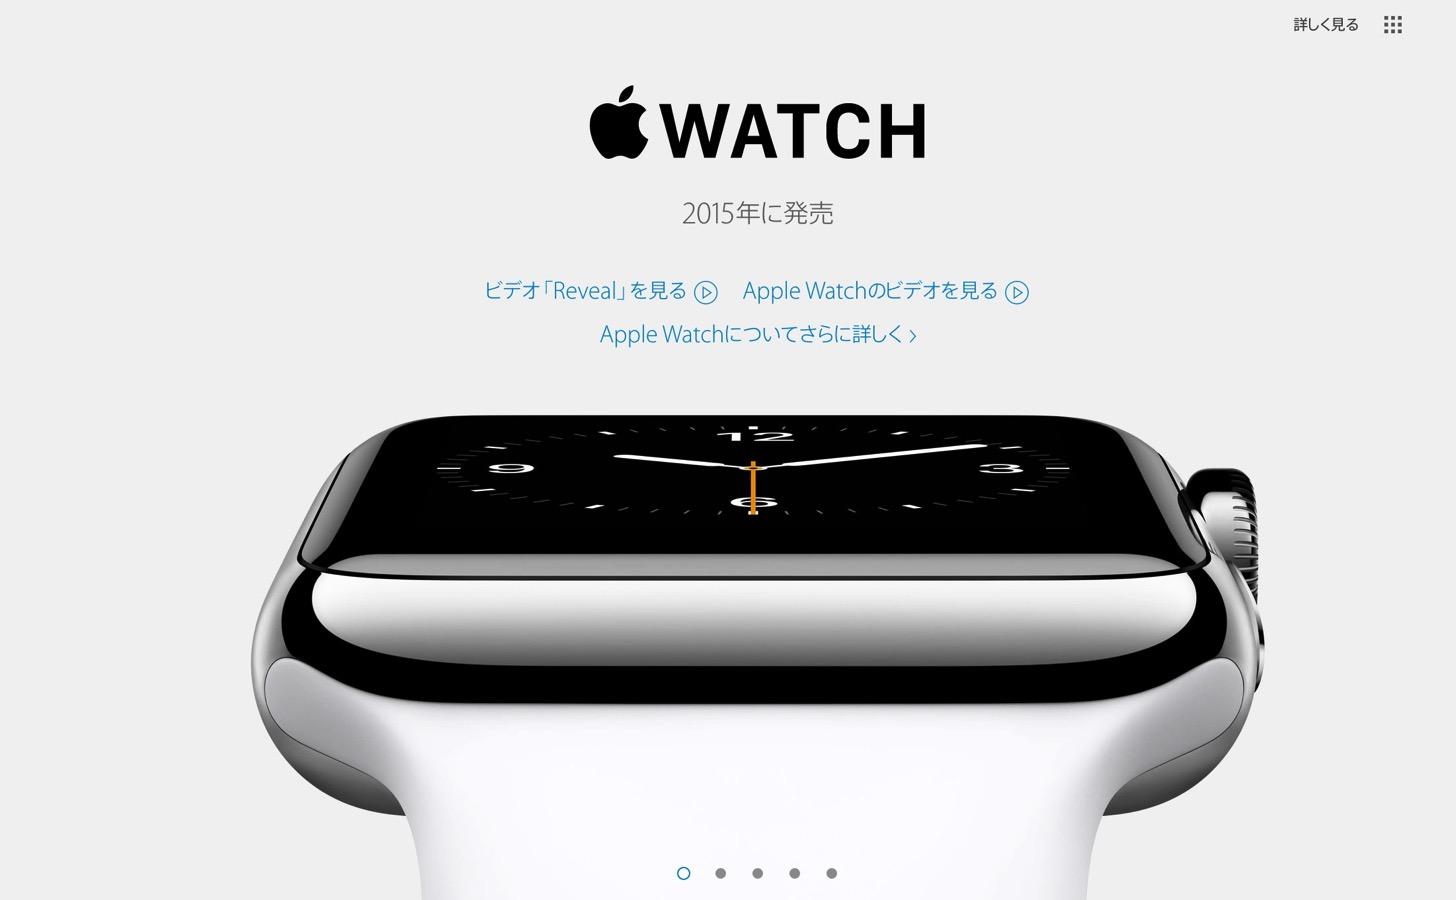 ちょっと早くなるかも!? Apple WATCHの発売日!?